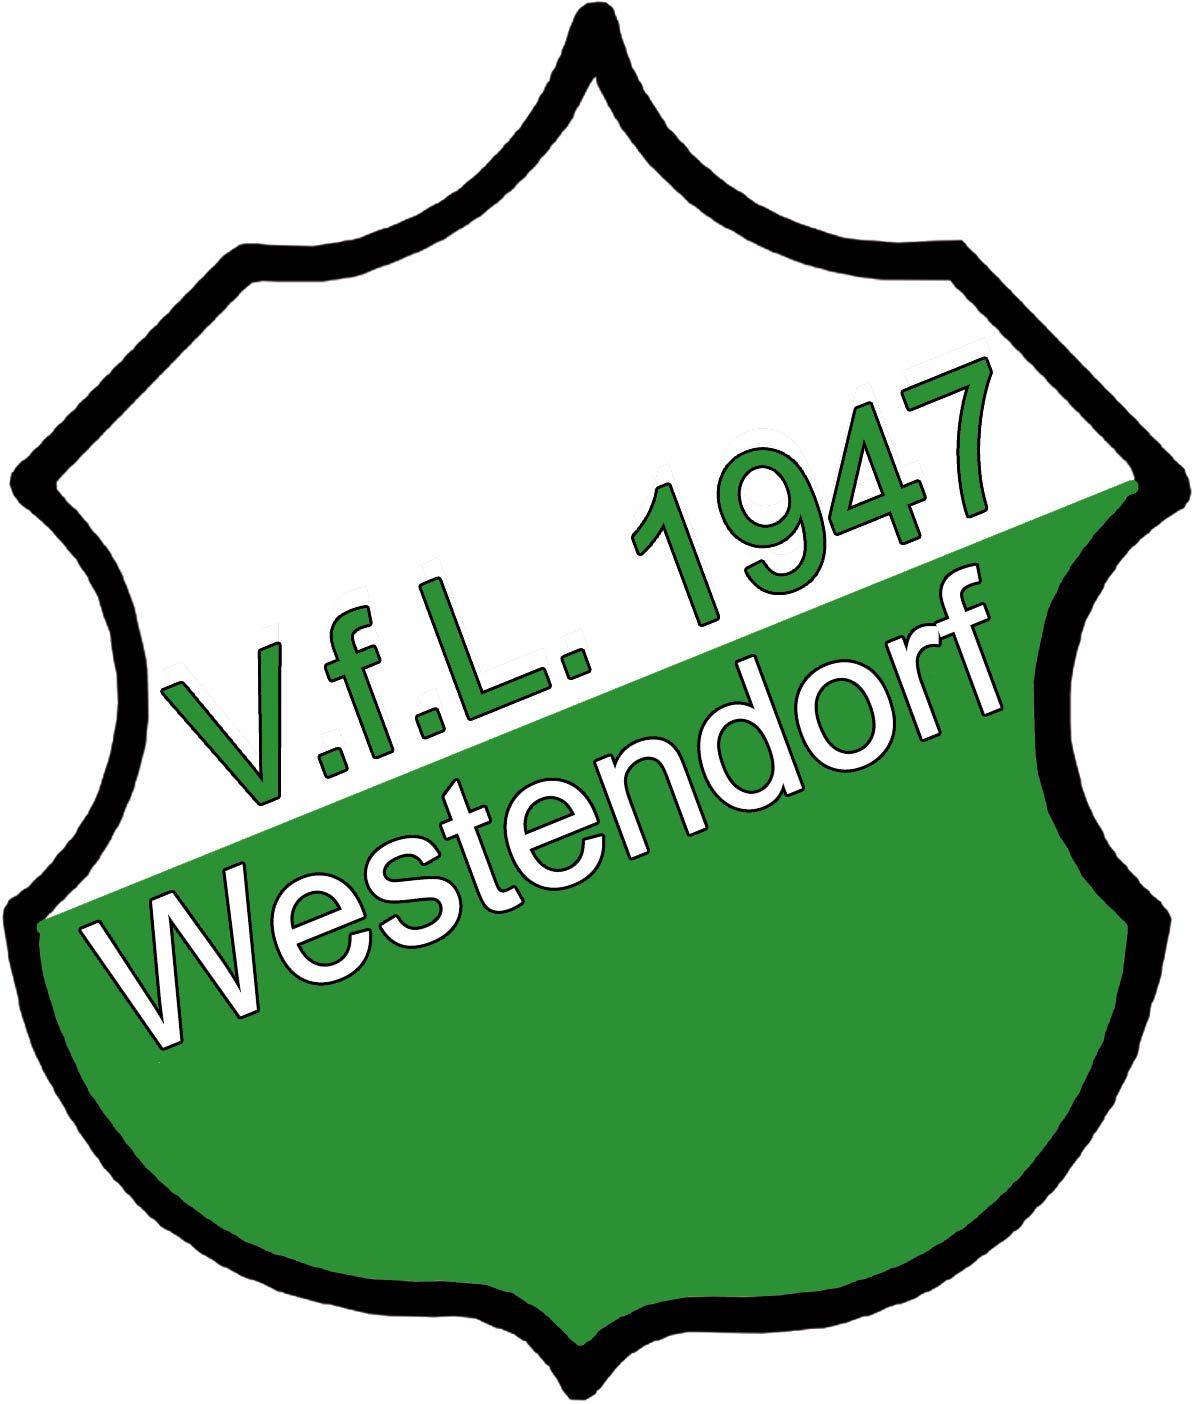 V.f.L. Westendorf 1947 e.V.